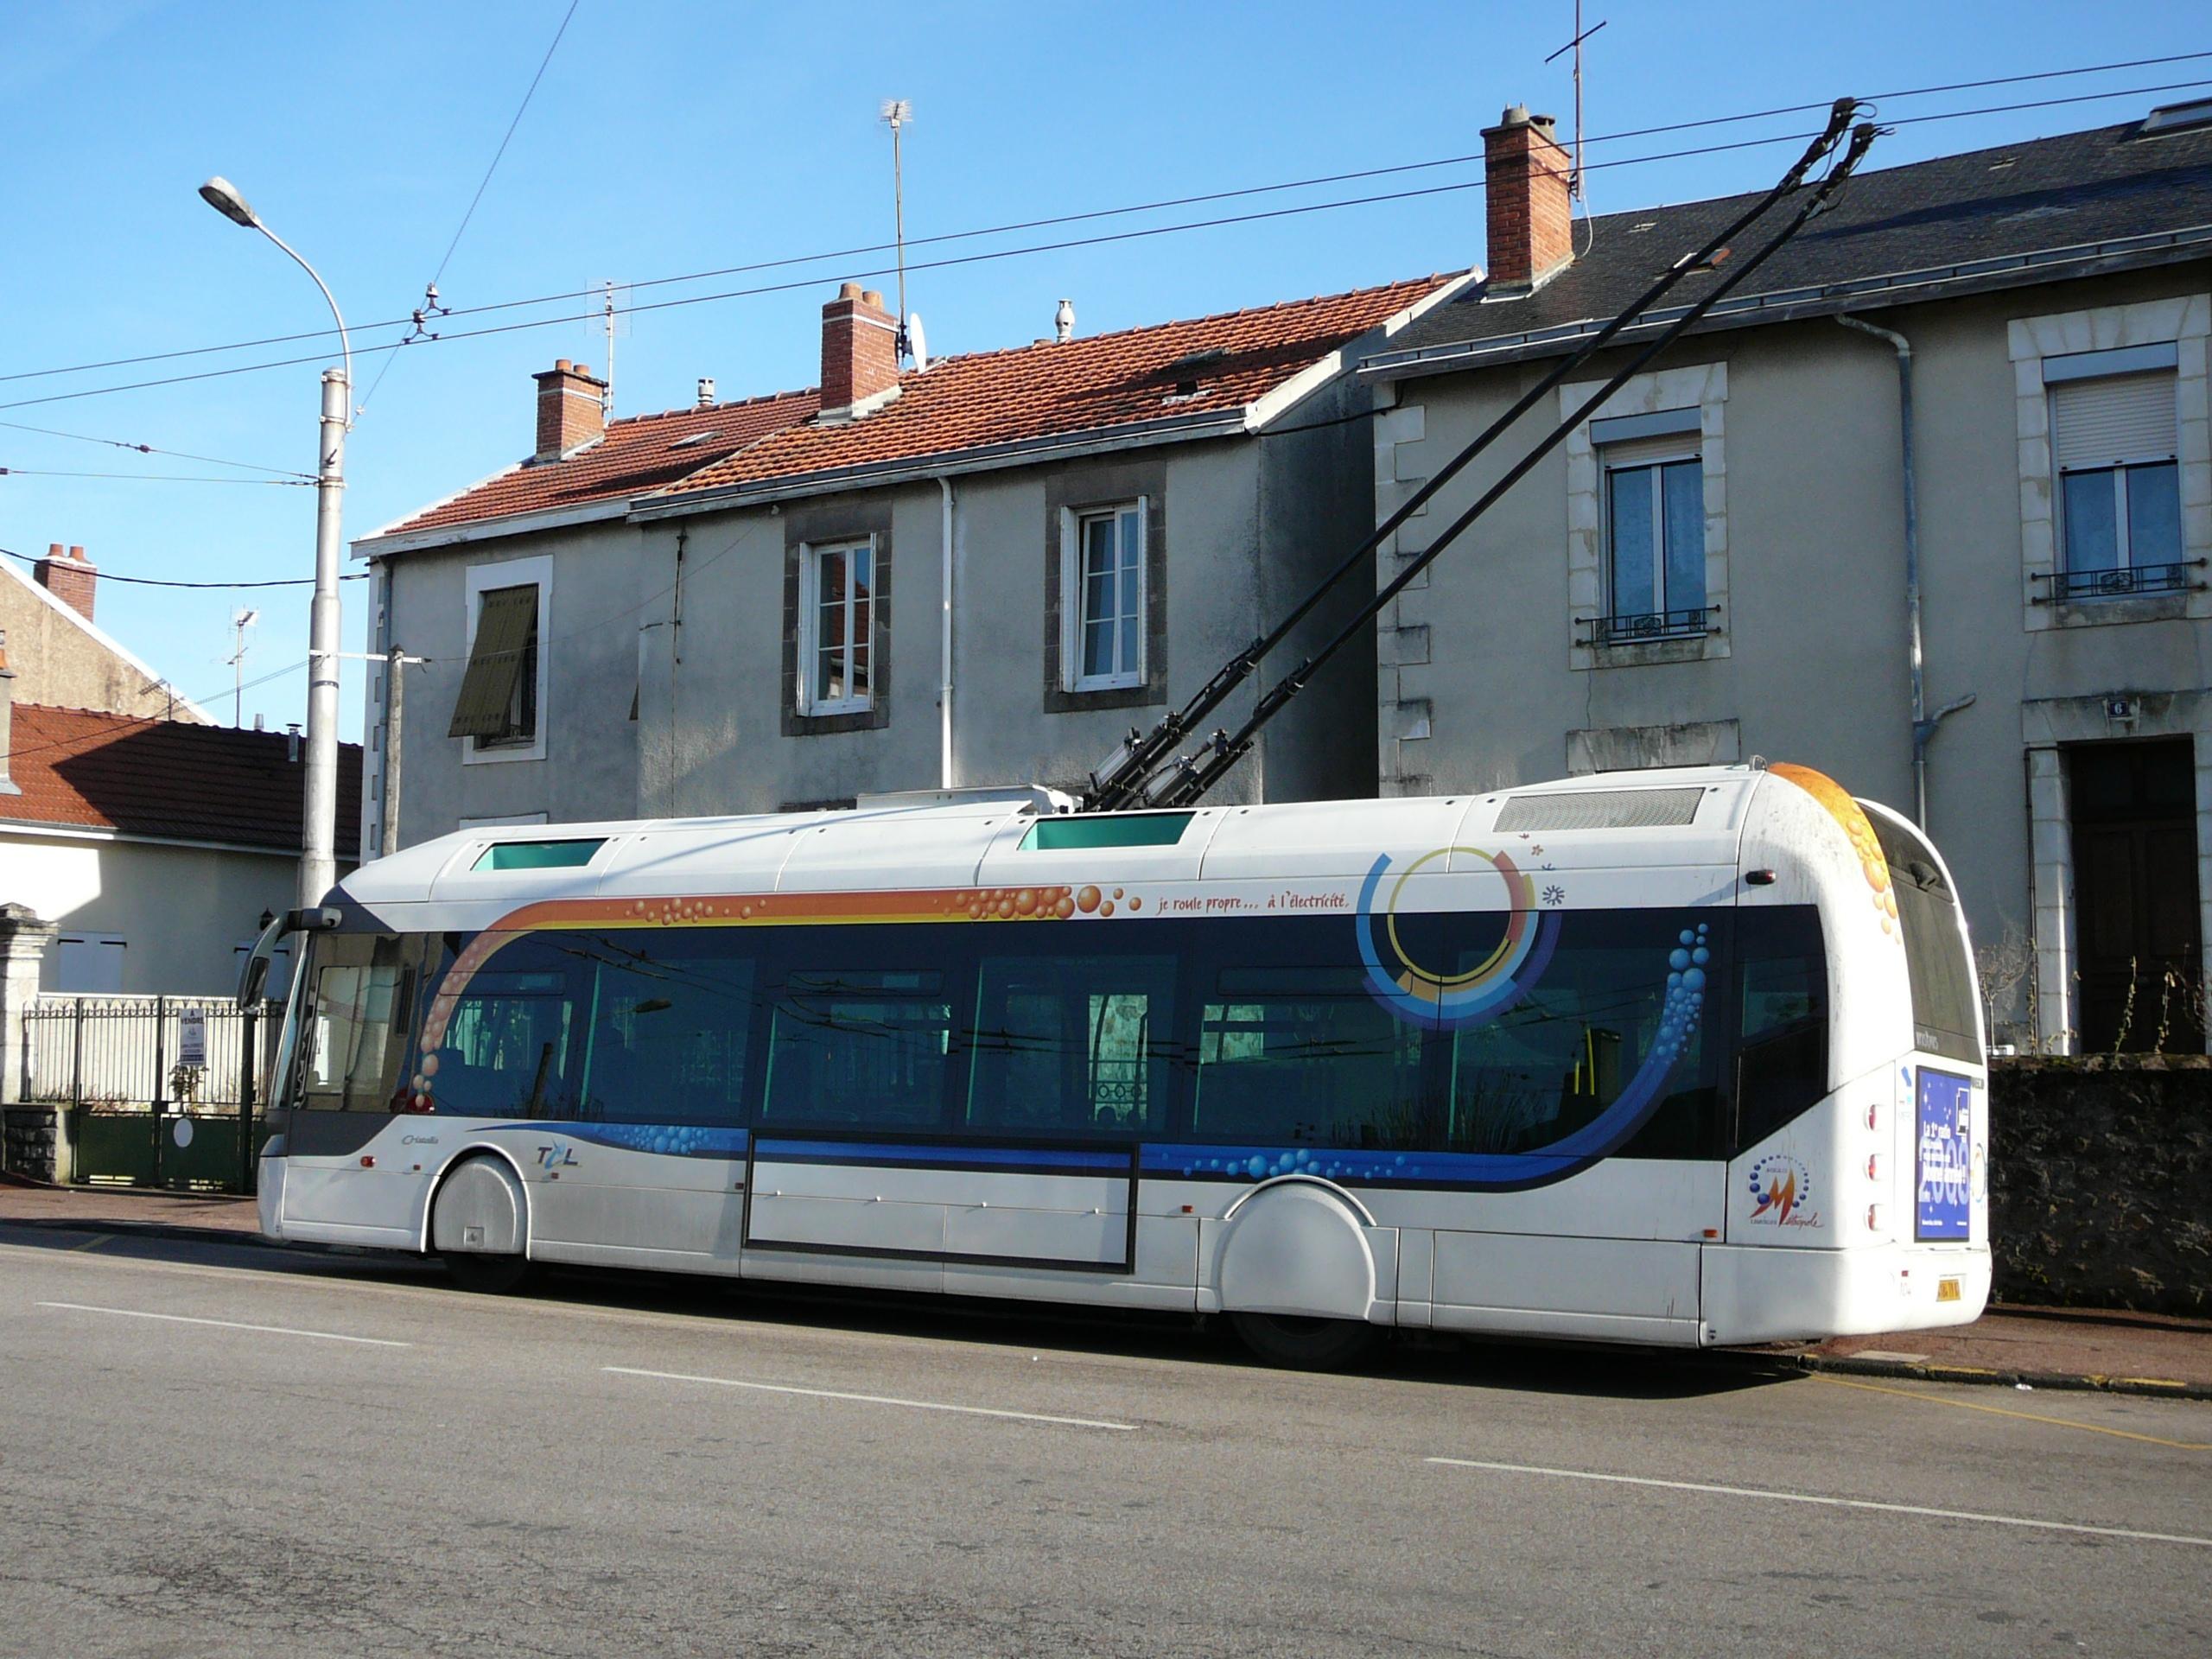 Societe des transports en commun de limoges - Ligne bus limoges ...